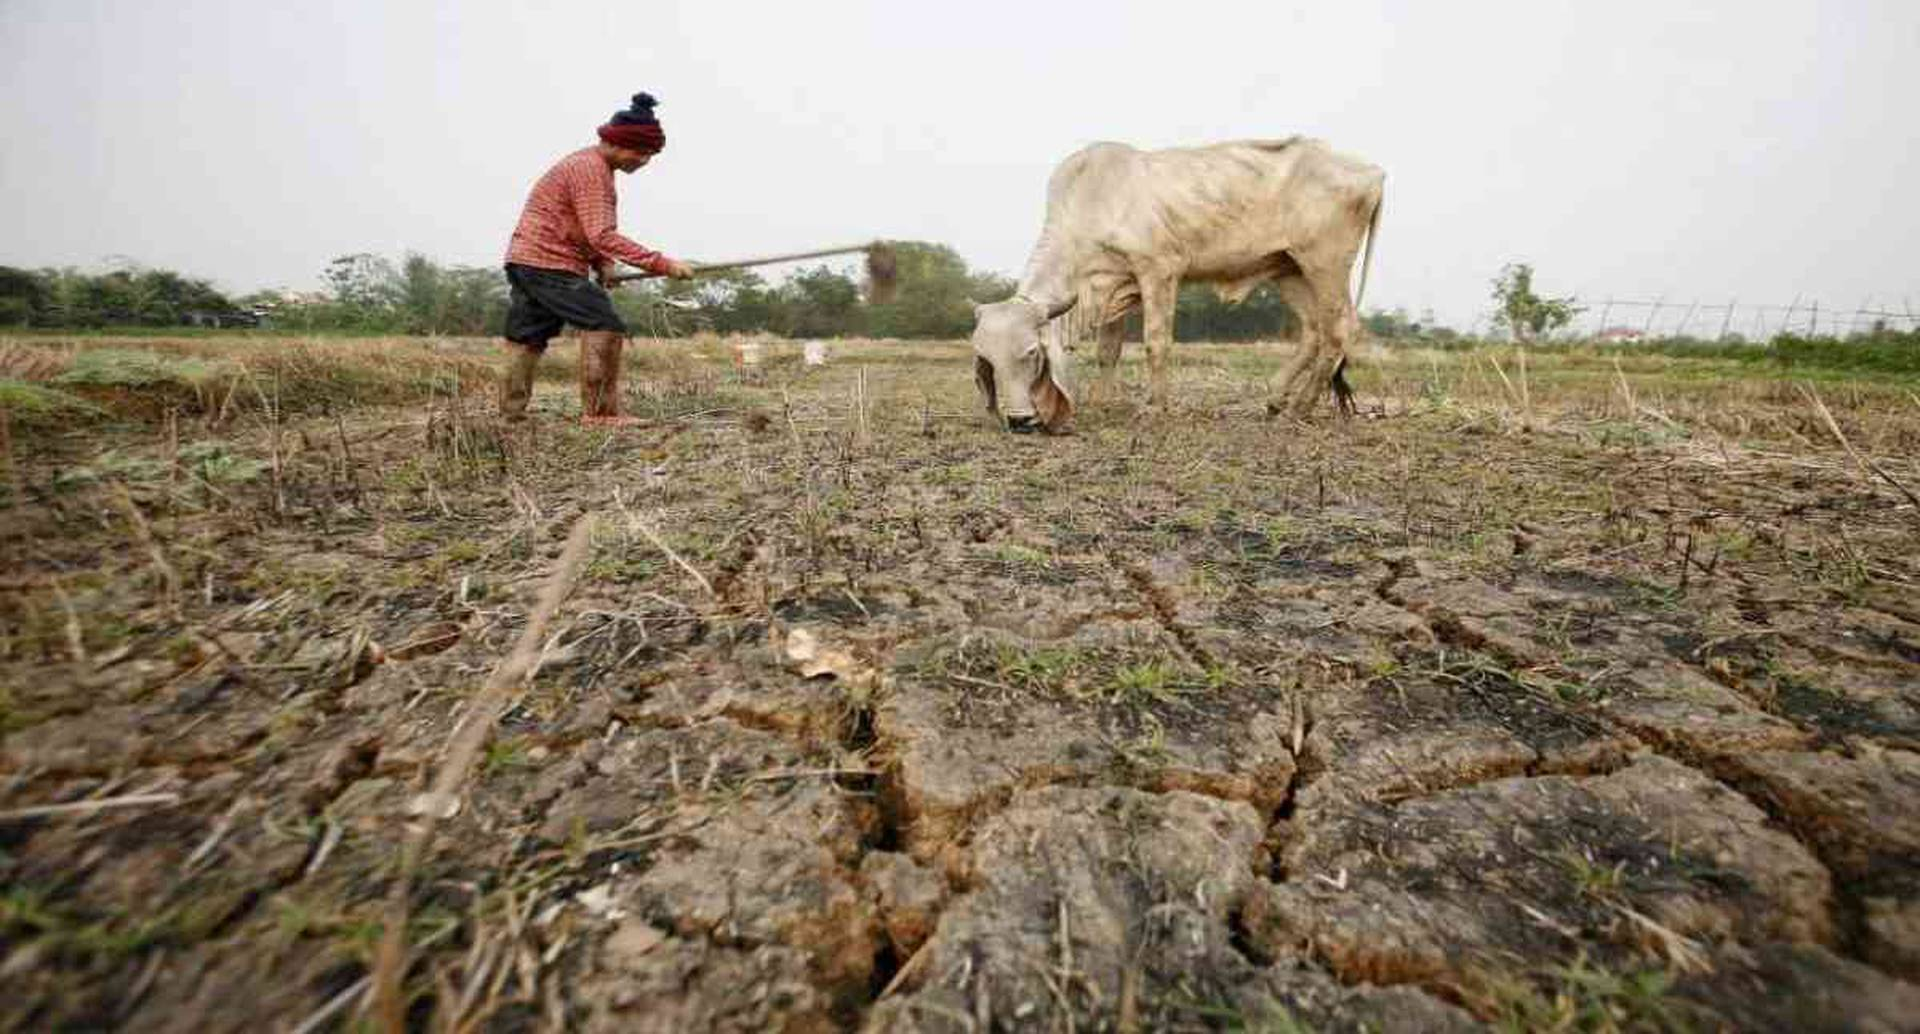 """Casi un tercio de la población global vive en países en situación de estrés hídrico """"extremadamente alto"""". Foto: archivo/Semana."""